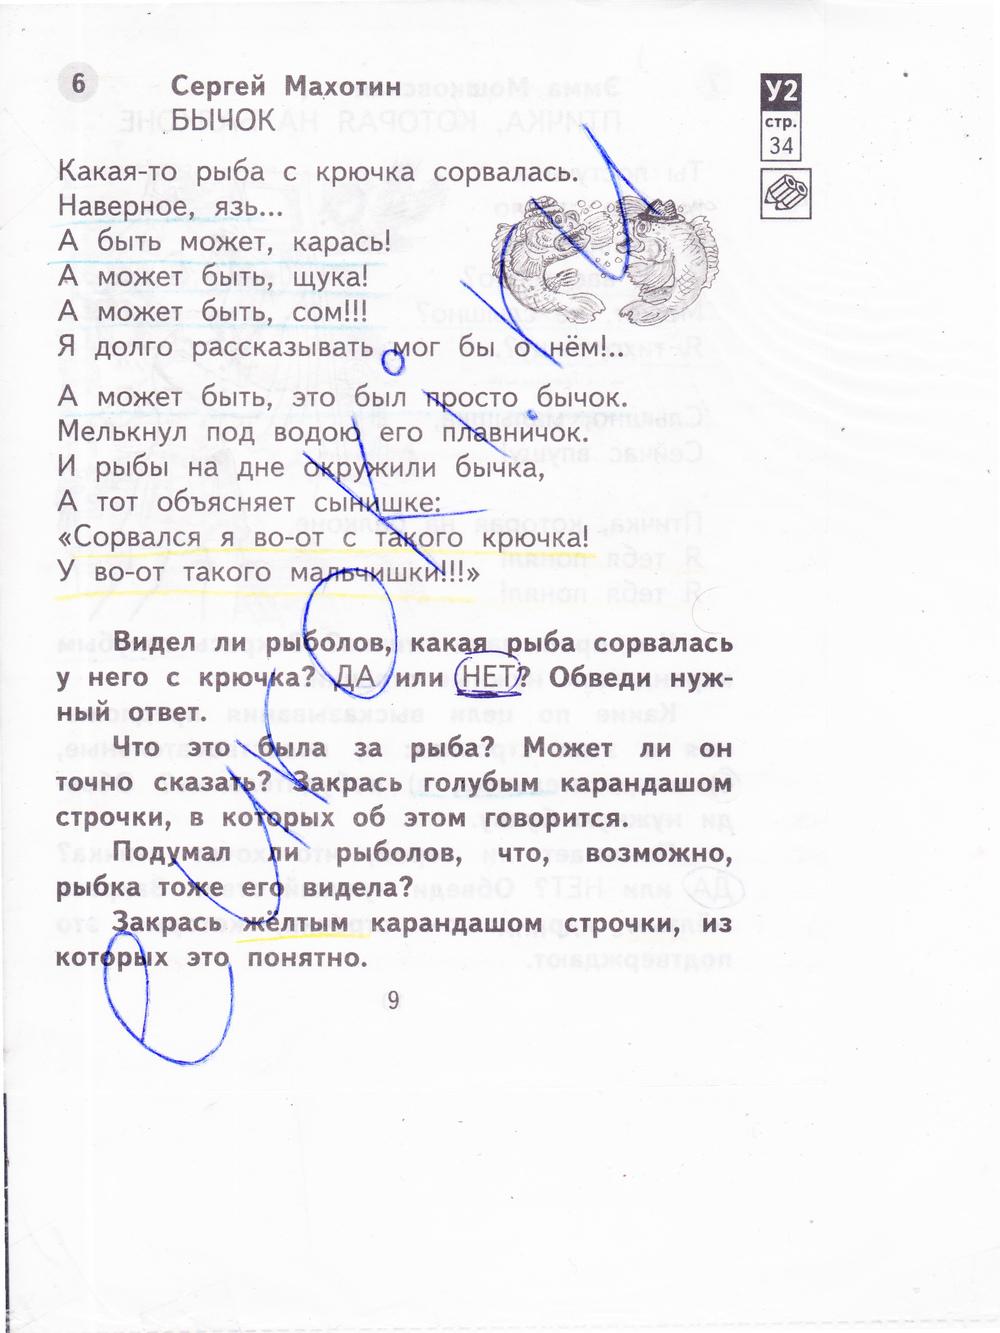 ГДЗ по литературному чтению 2 класс рабочая тетрадь Малаховская Часть 1, 2. Задание: стр. 9